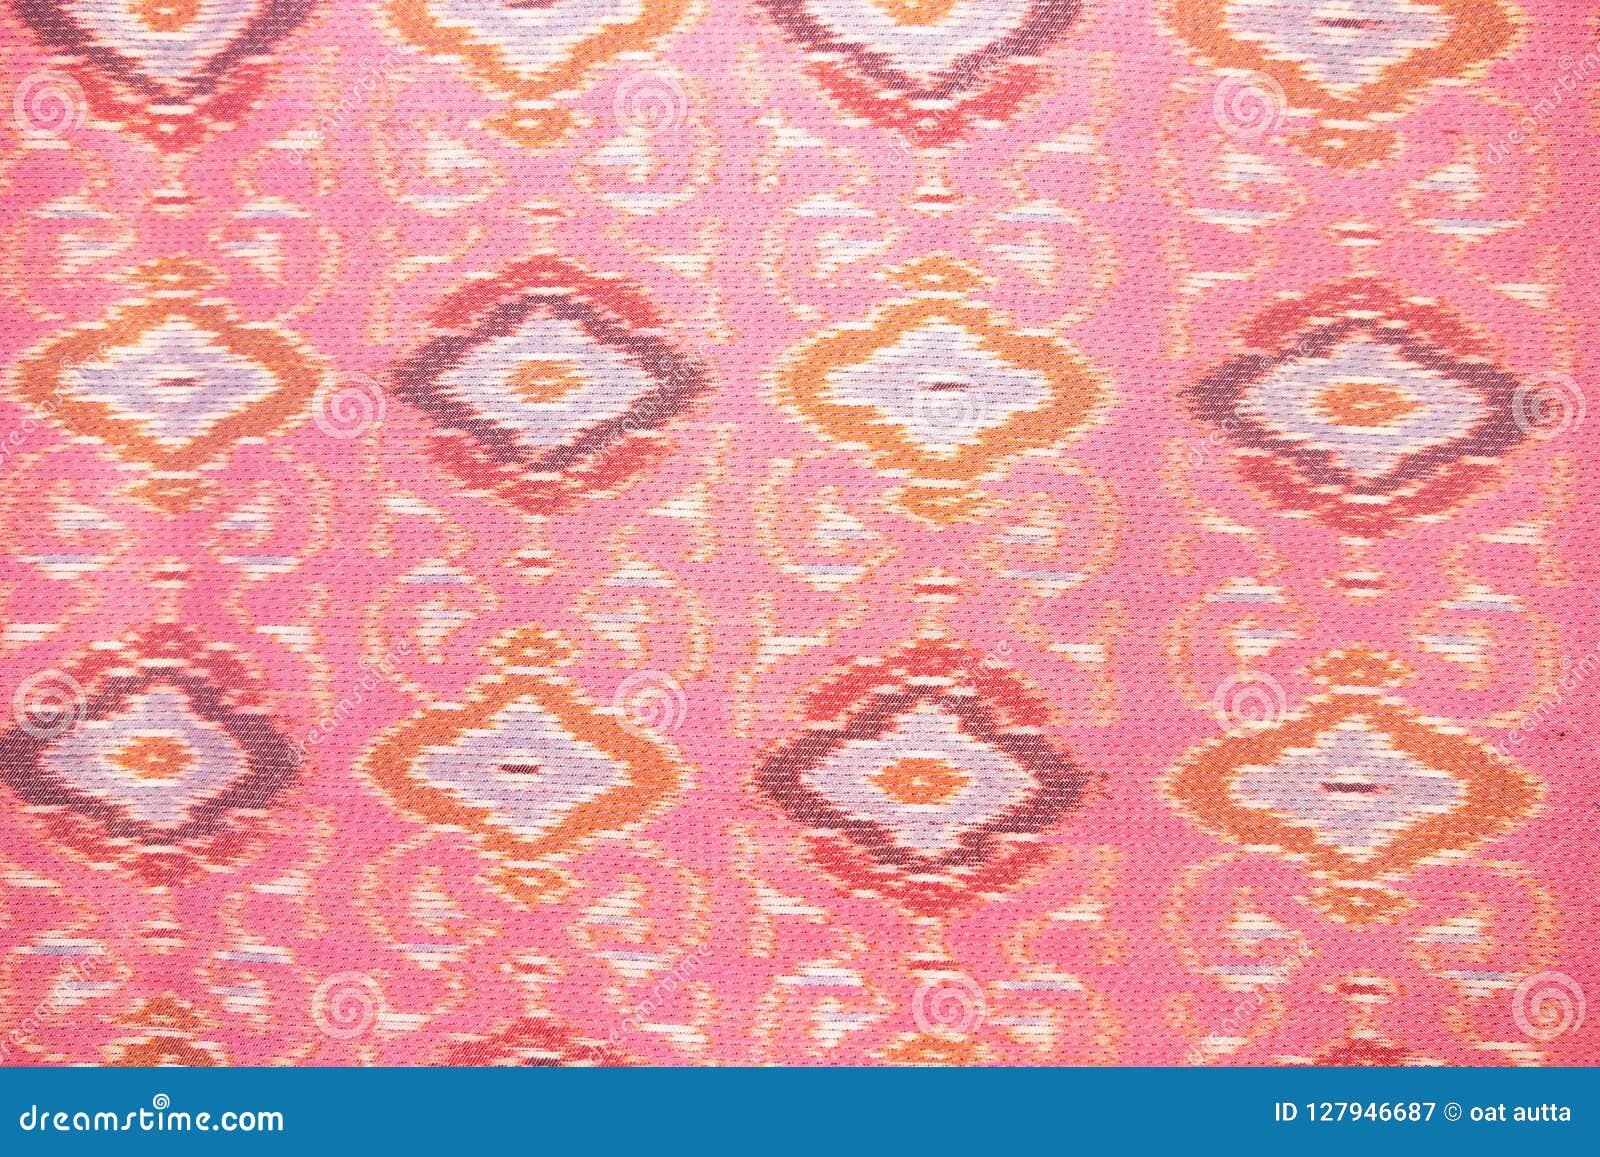 Zamyka w górę różowego jedwabniczego rękodzieła, tkaniny mody projekt, Piękny Tajlandzki stylowy tkanina wzoru tło, tekstura Tajl